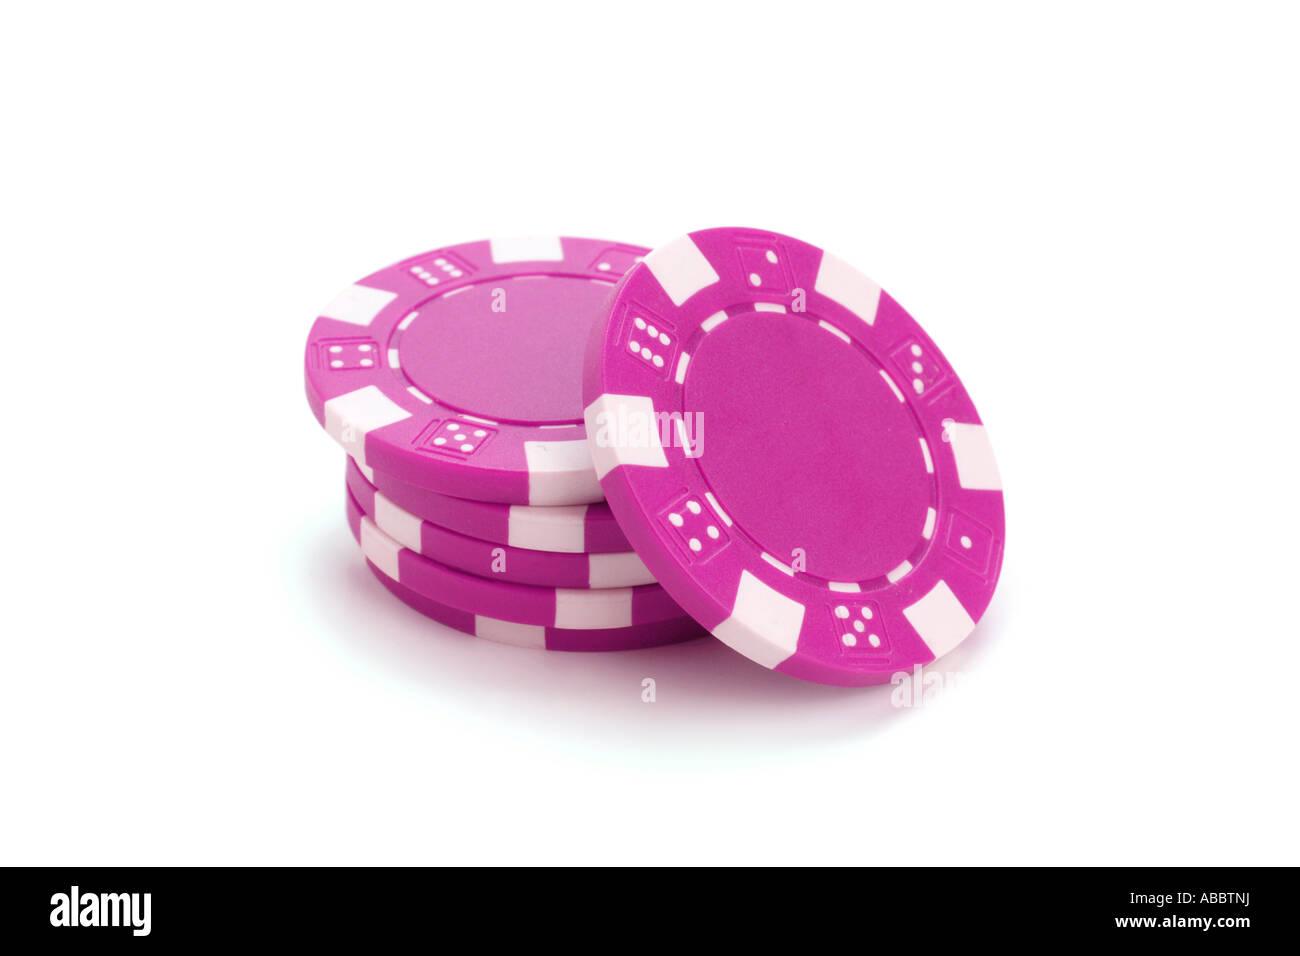 gambling chips - Stock Image